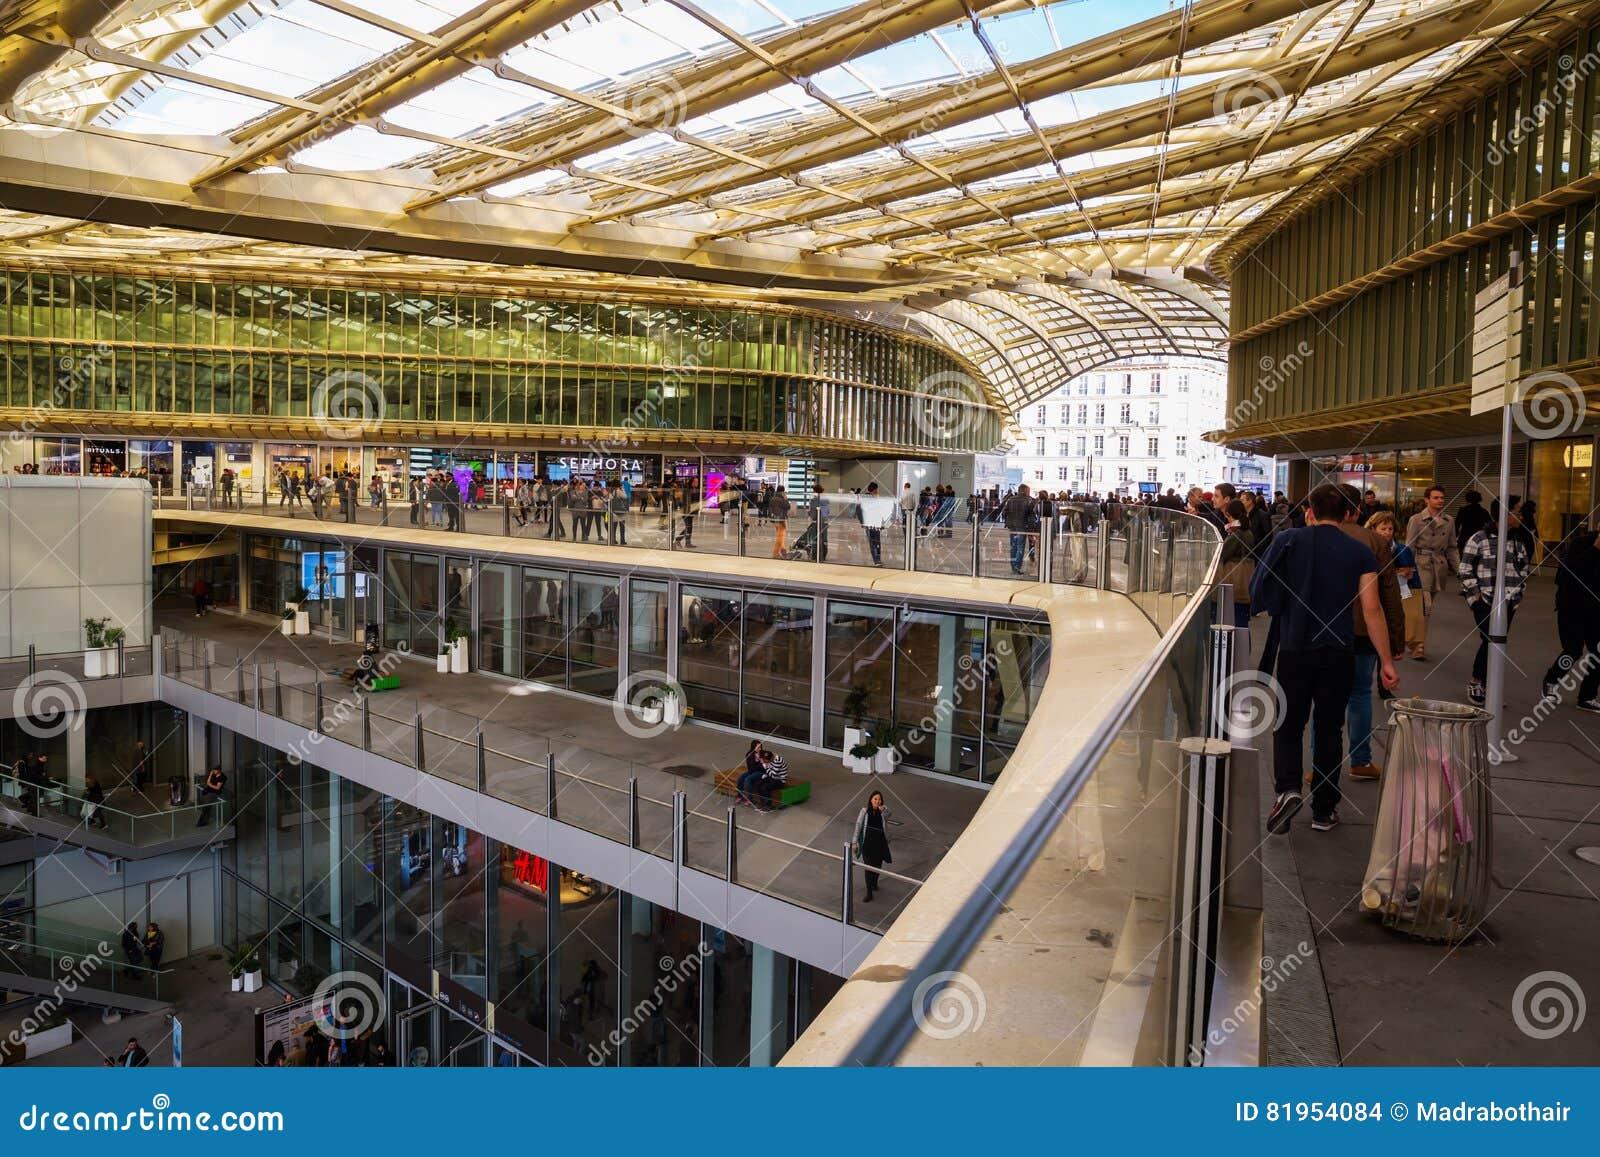 Forum les halles in paris france editorial stock image image 81954084 - Forum des halles paris ...